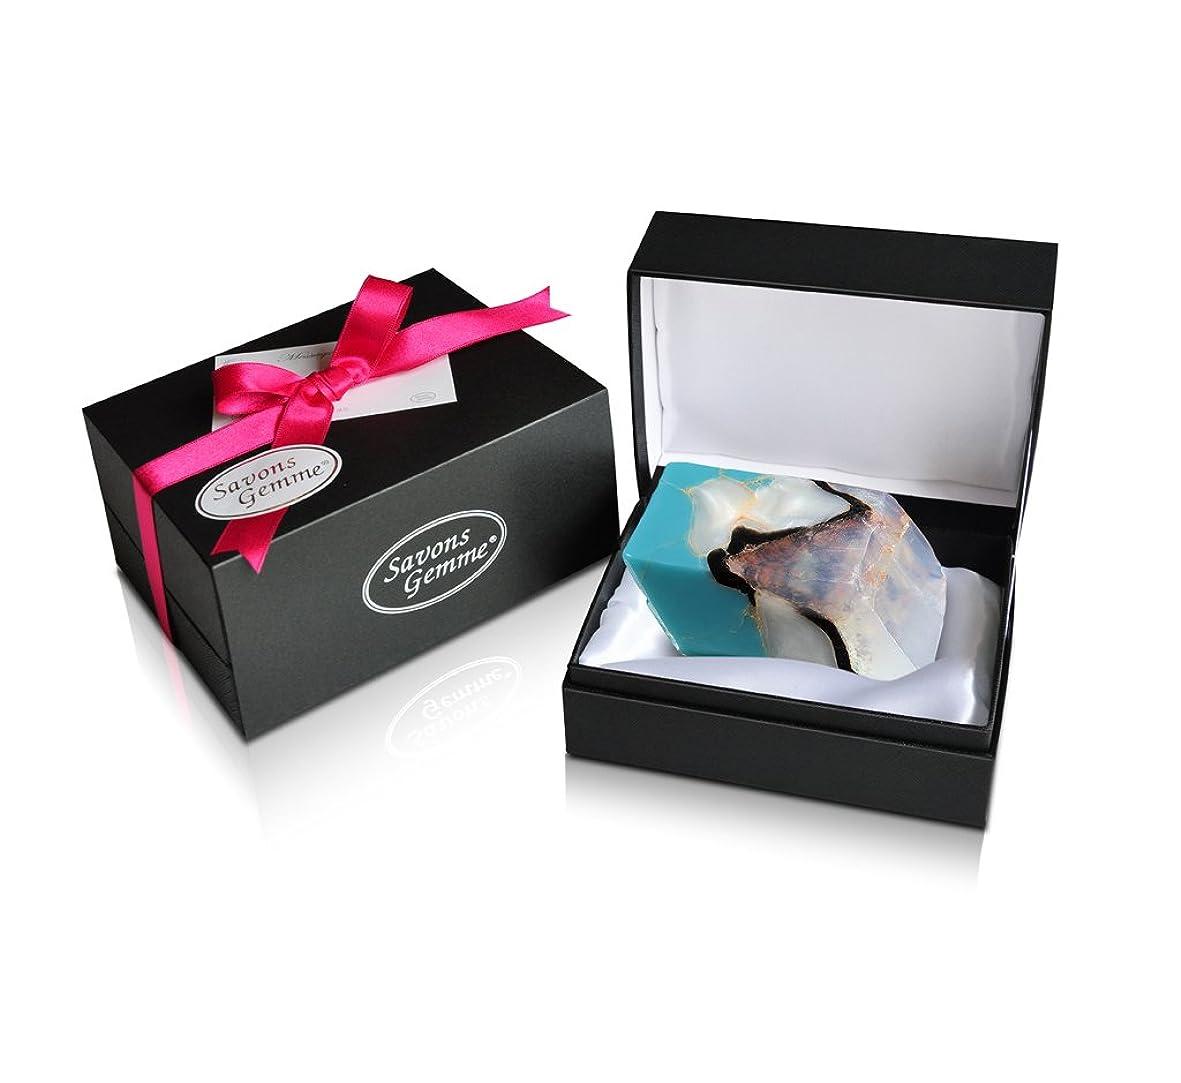 ビバナース感じるSavons Gemme サボンジェム ジュエリーギフトボックス 世界で一番美しい宝石石鹸 フレグランス ソープ ターコイズ 170g